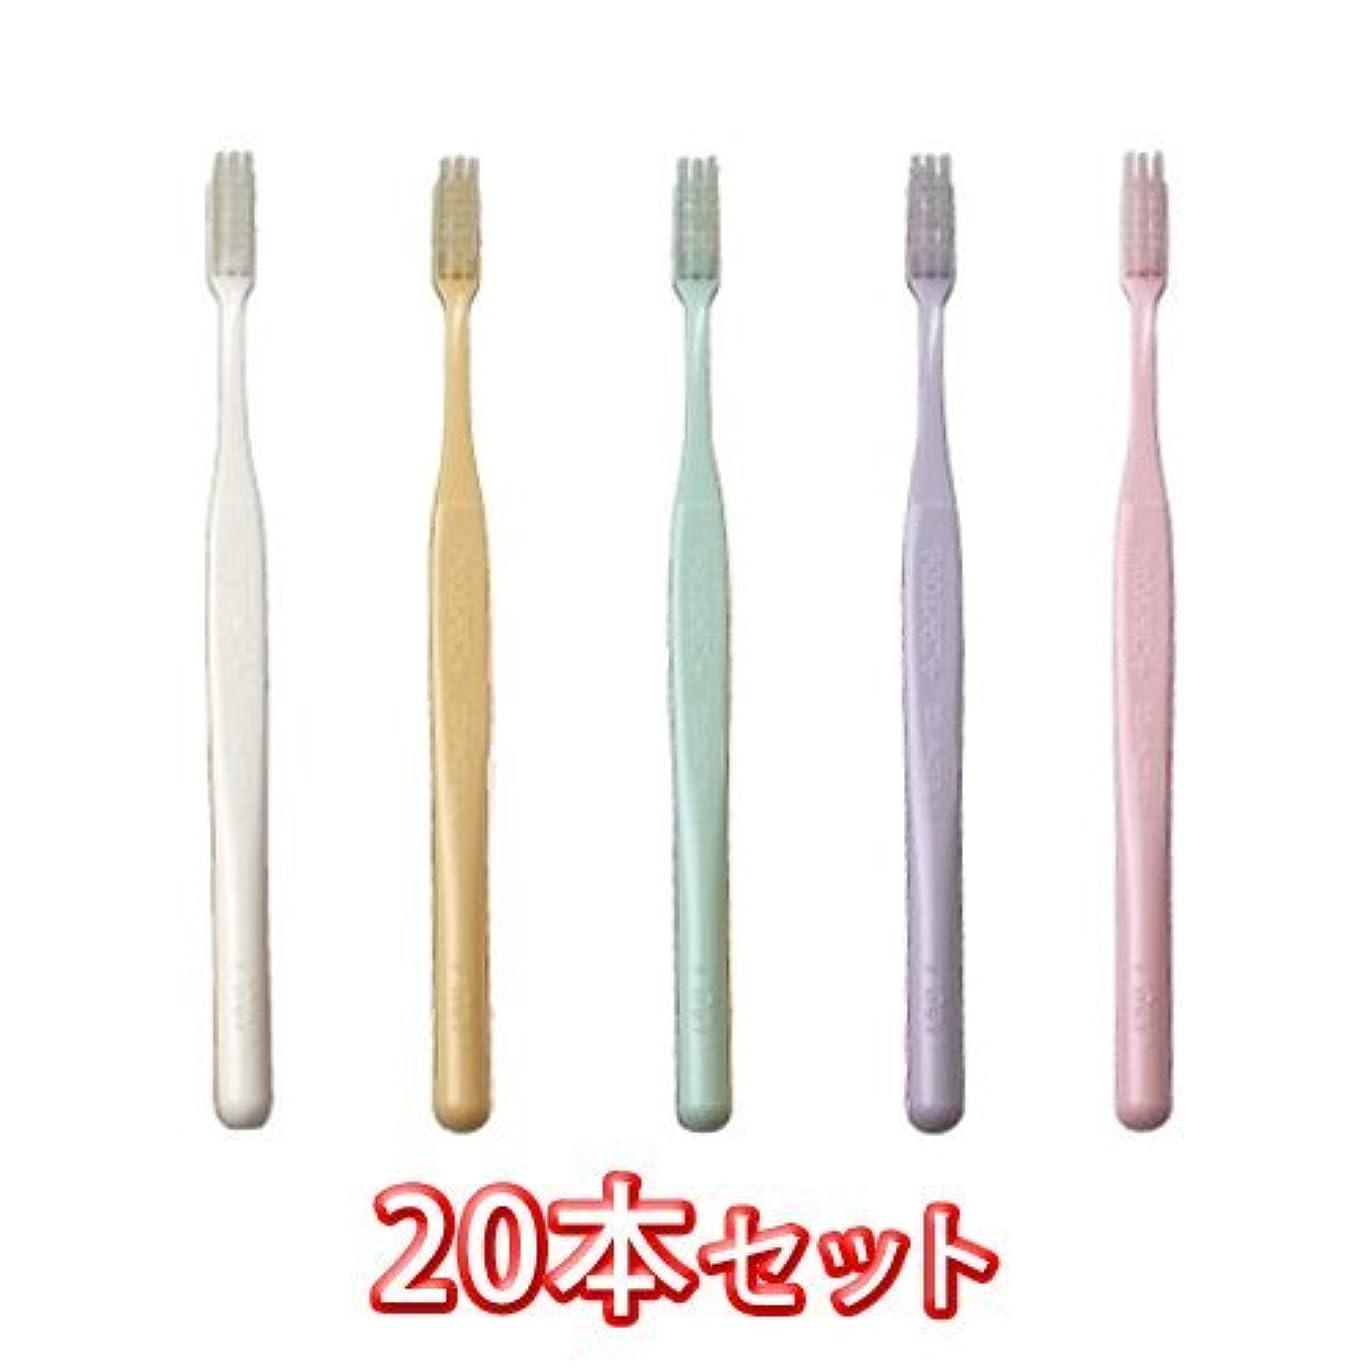 奇妙な閉塞抗生物質プロスペック 歯ブラシ プラス コンパクトスリム 20本入 ふつう色 S やわらかめ